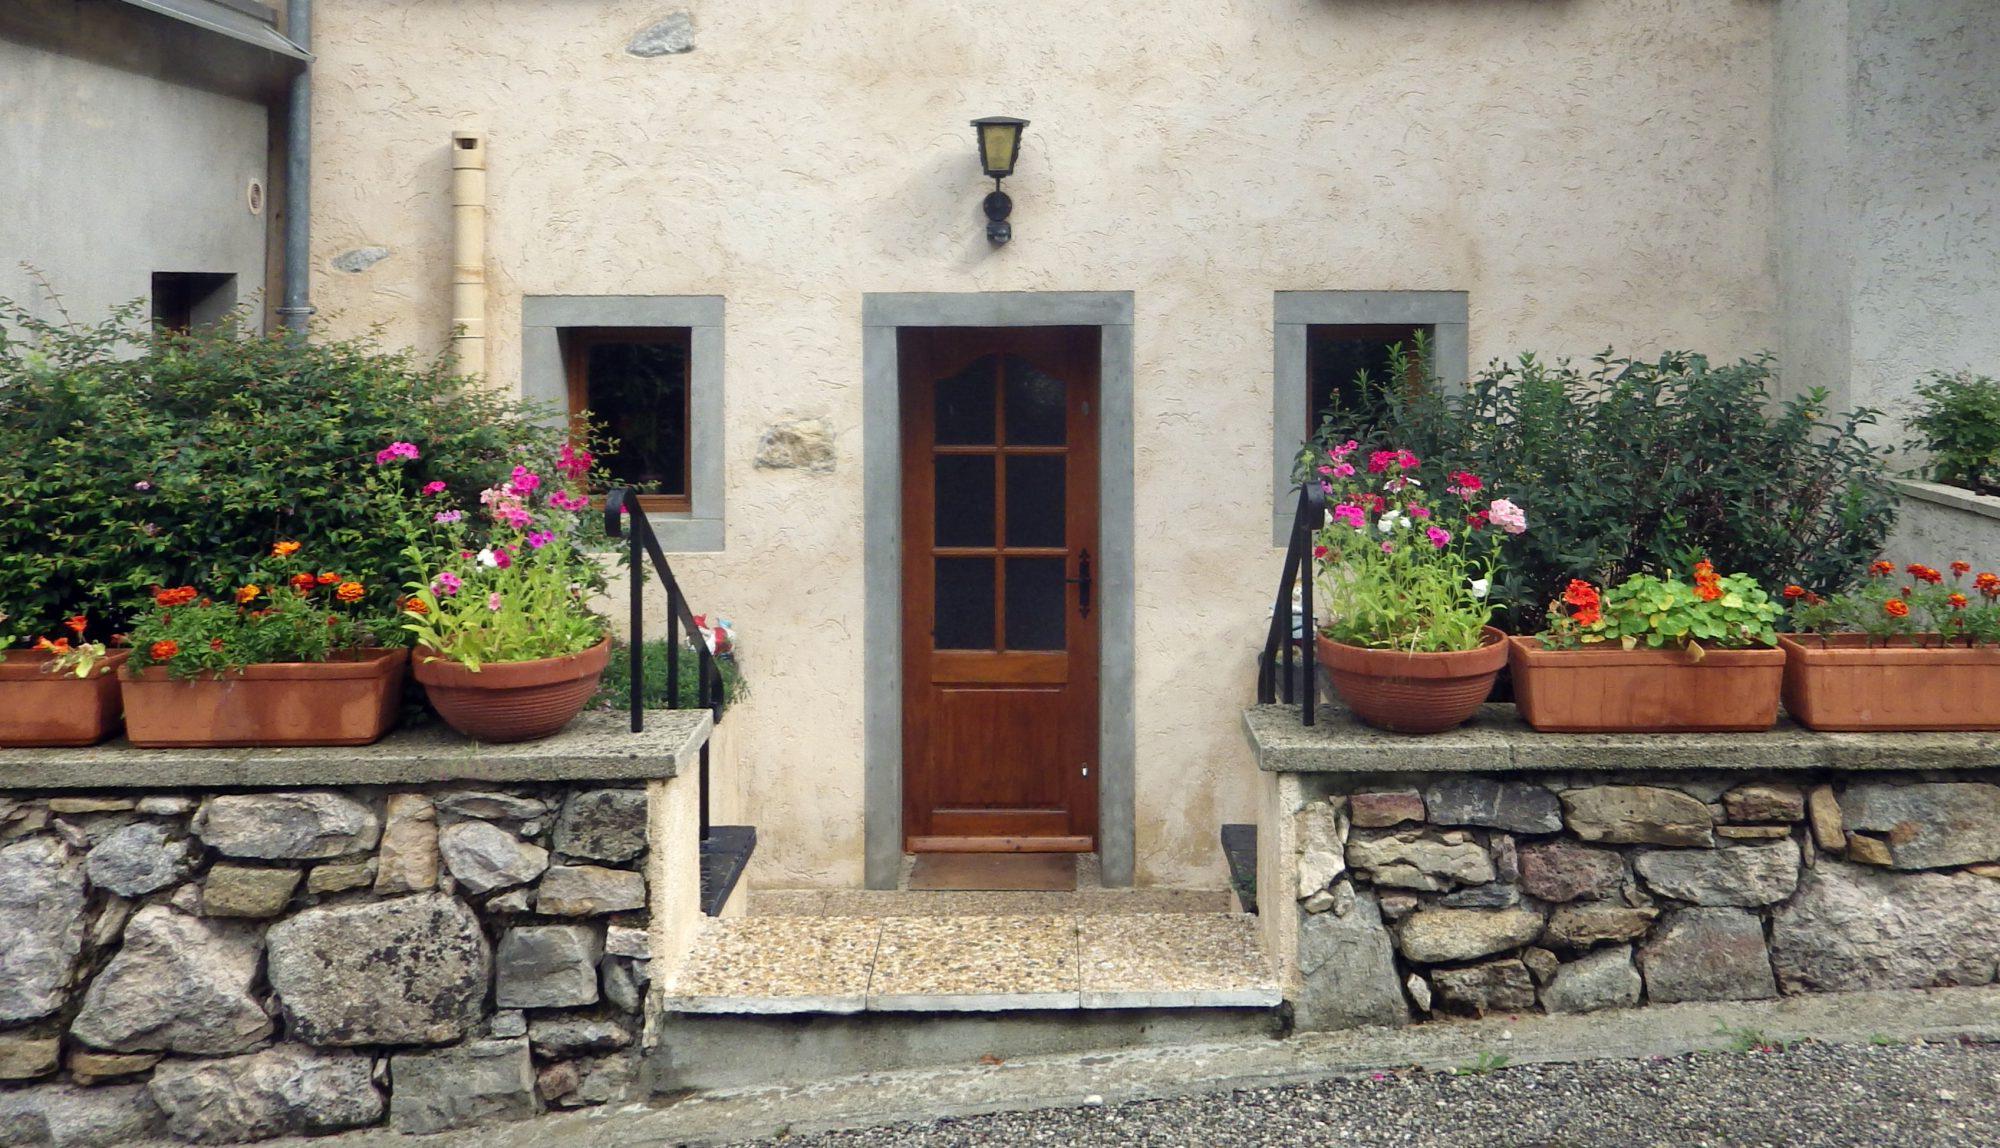 Gîte in der Nähe von die Abtei Hautecombe, Lac du Bourget